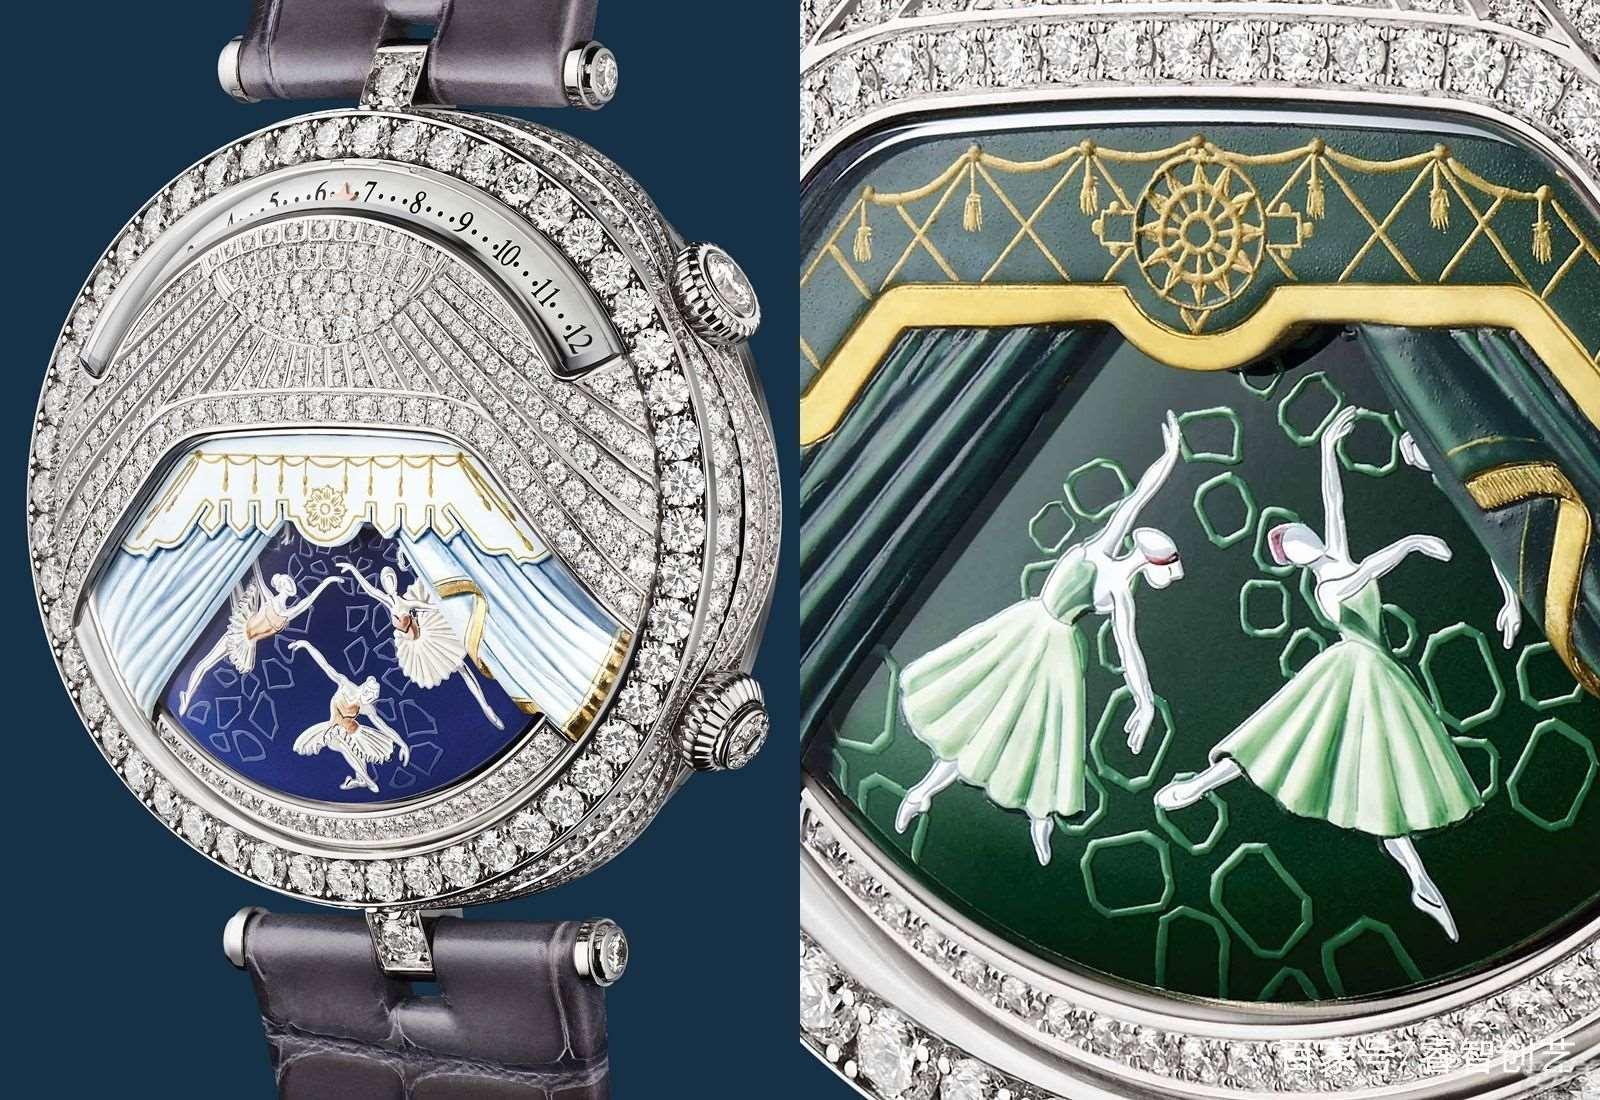 第一枚结合歌曲与动漫的腕表,芭蕾舞伶在手表表壳表带上舞出经典舞剧